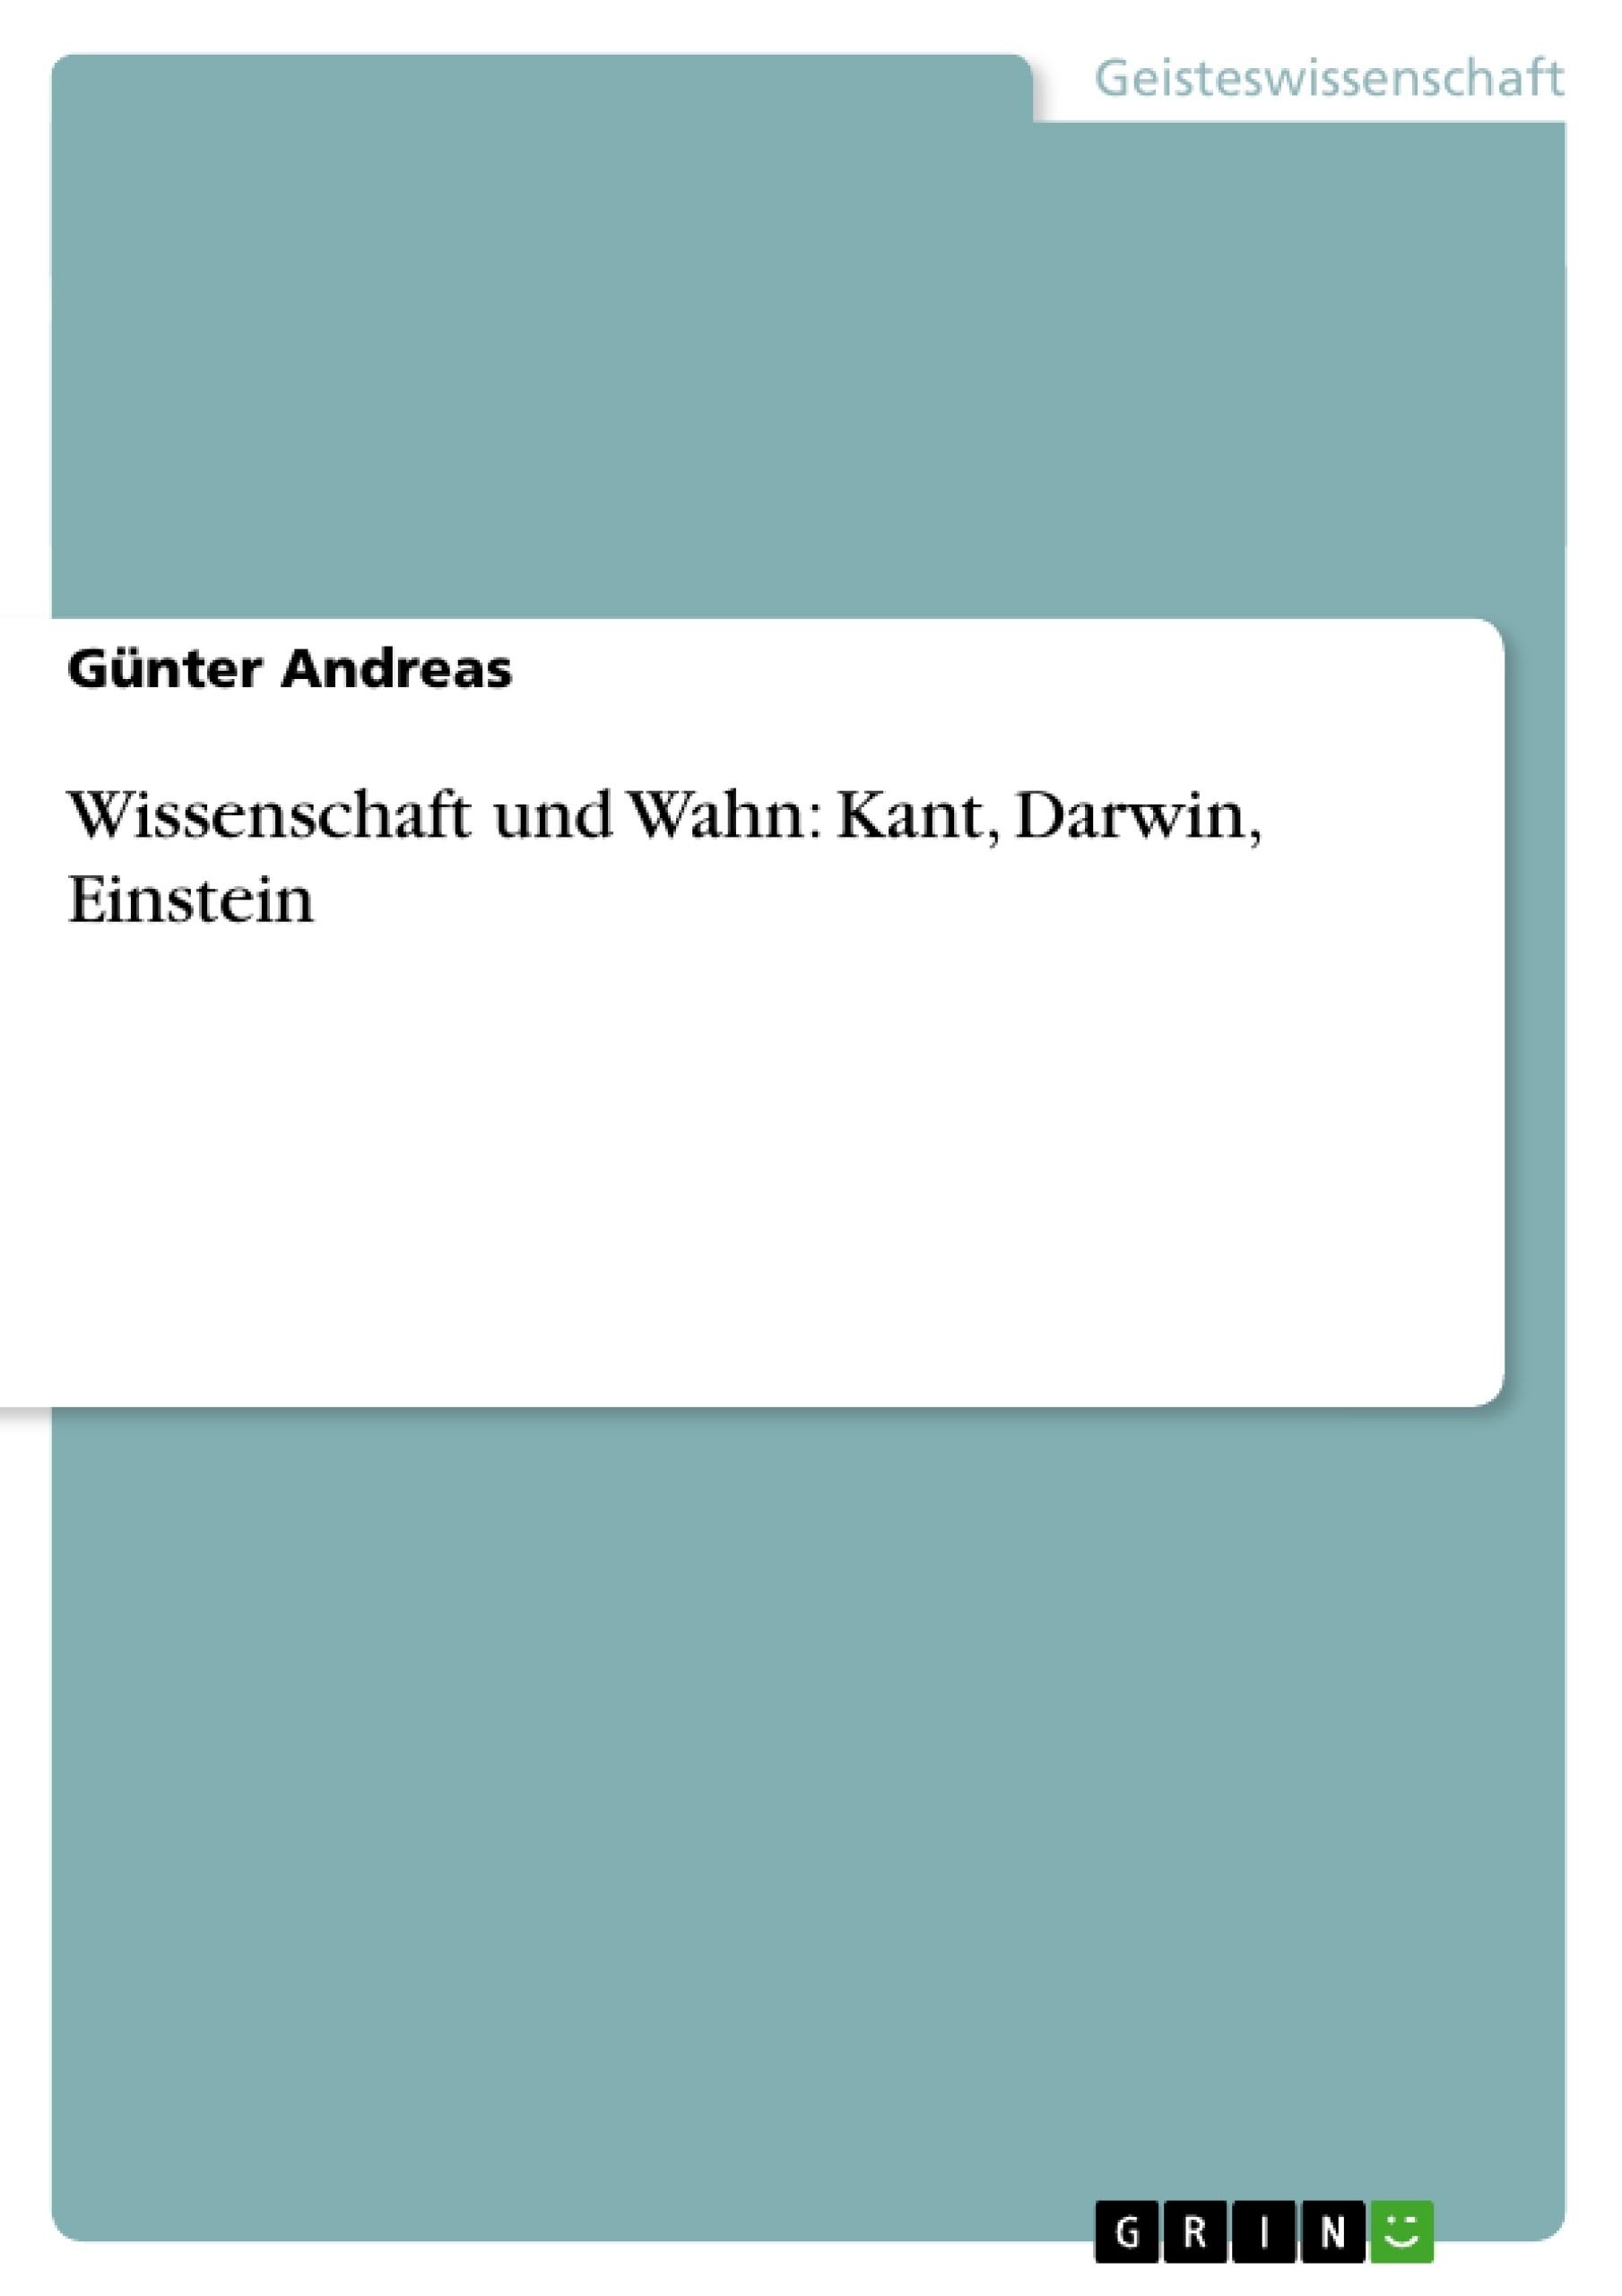 Titel: Wissenschaft und Wahn: Kant, Darwin, Einstein